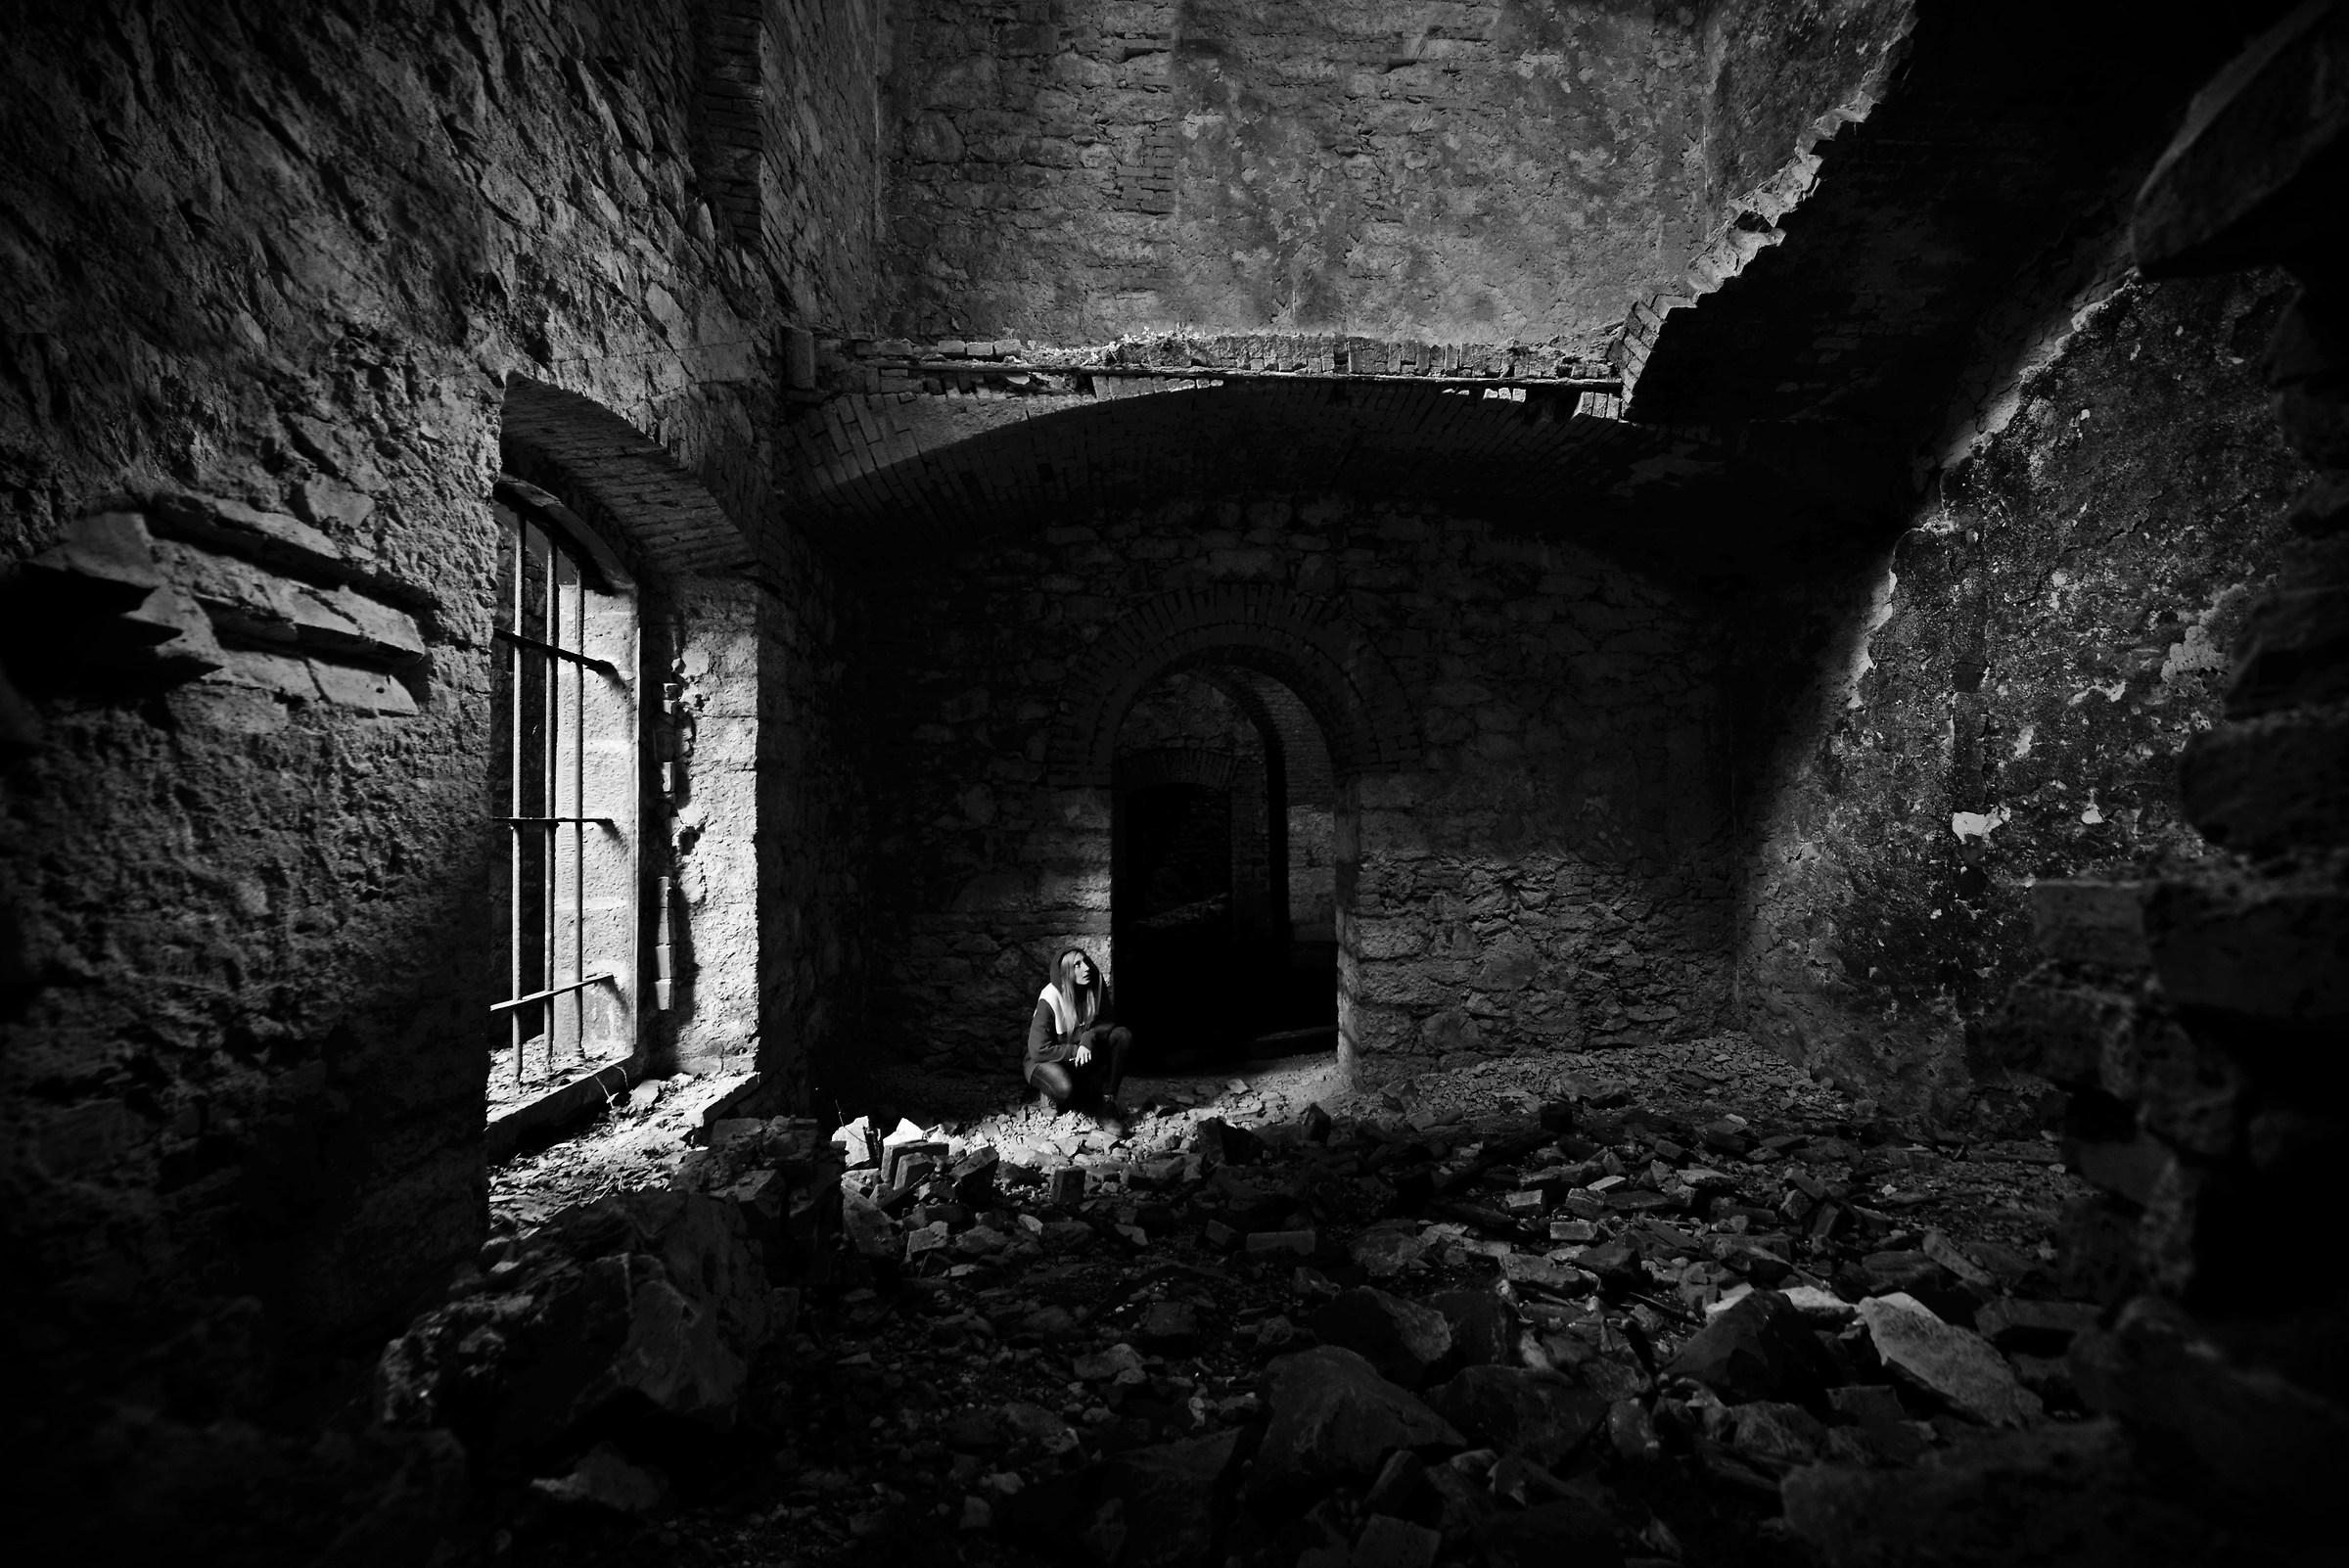 Among the ruins...